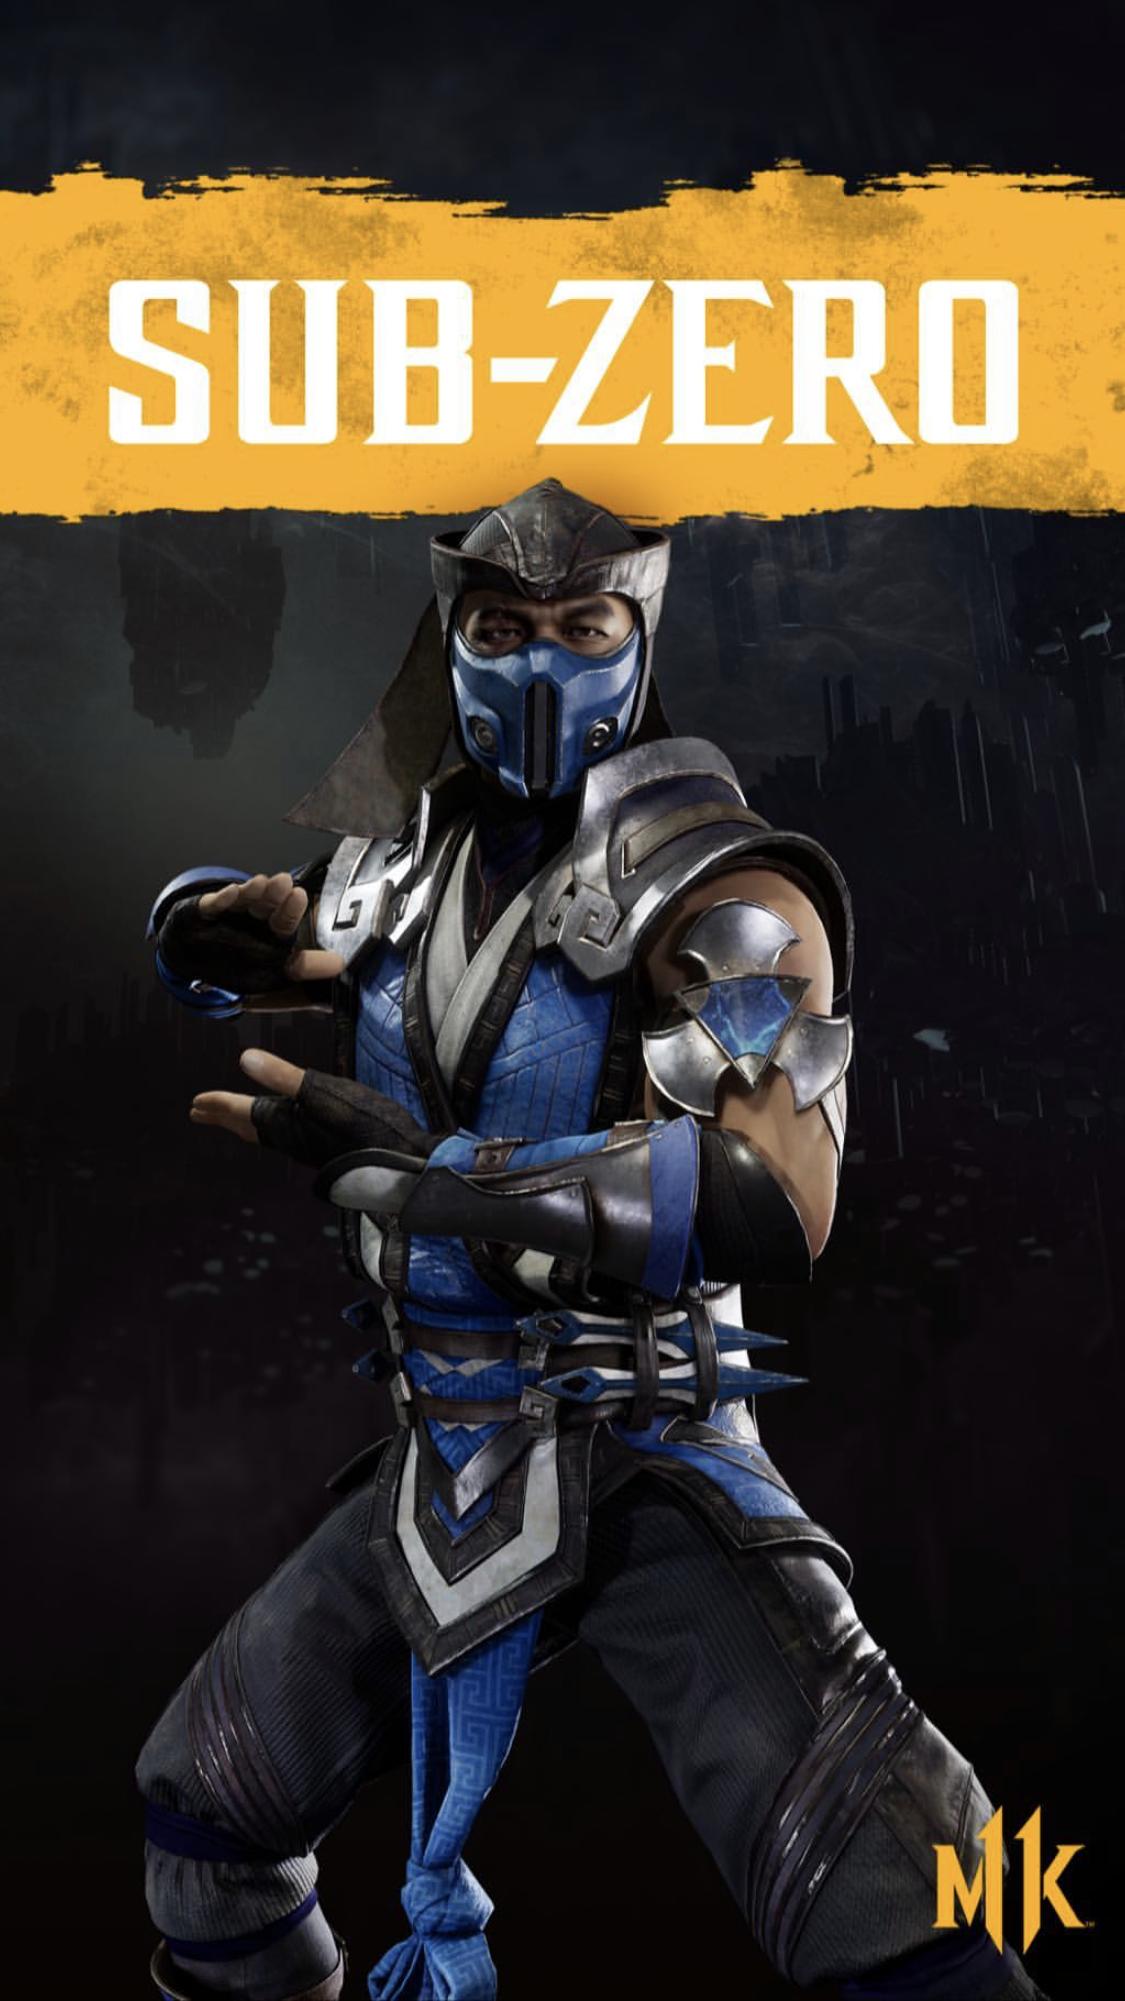 Pin By Natacha Reis On Mortal Kombat Mortal Kombat Characters Sub Zero Mortal Kombat Mortal Kombat